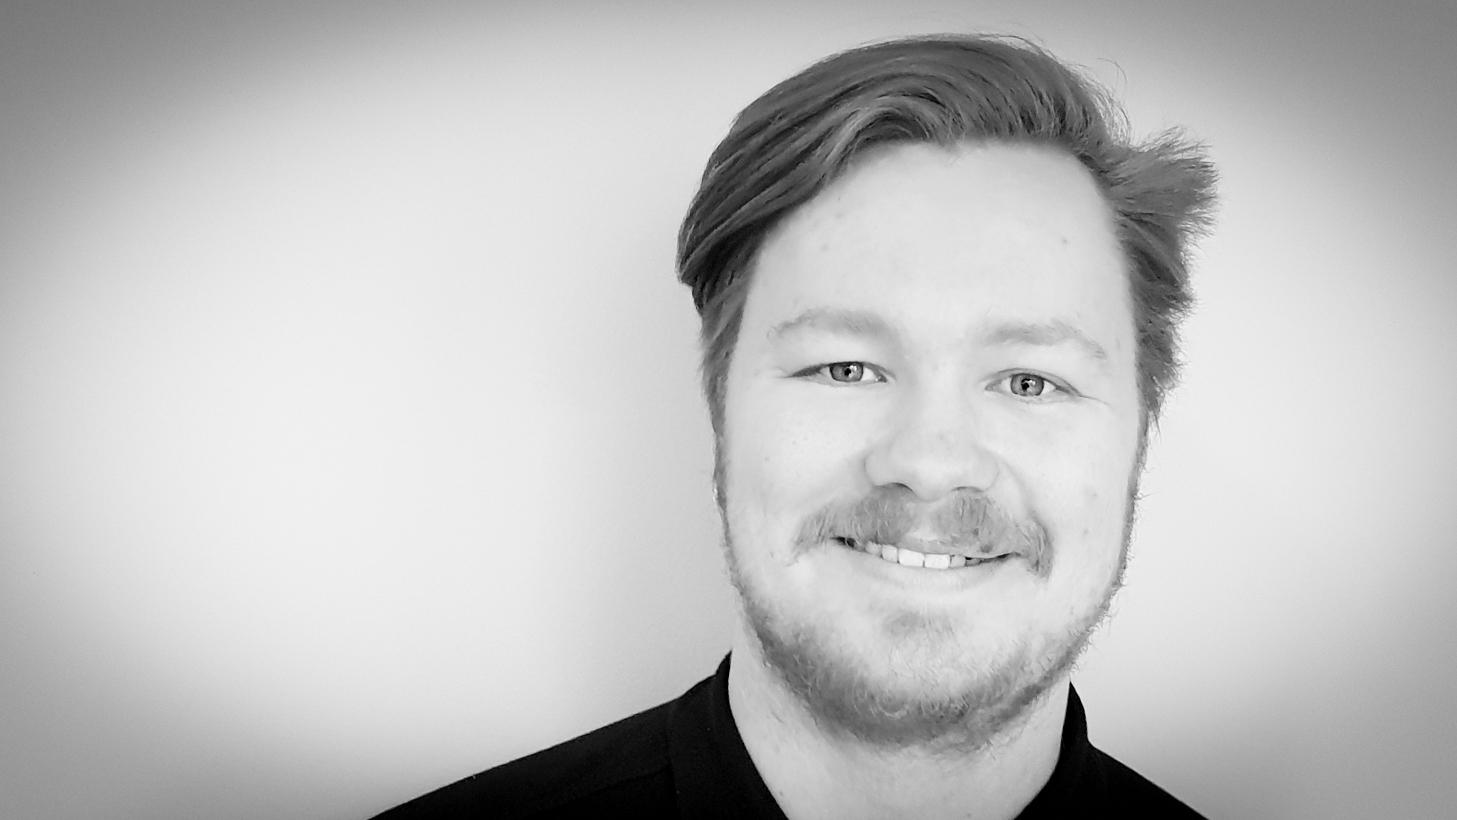 Hjalmar Sjödin